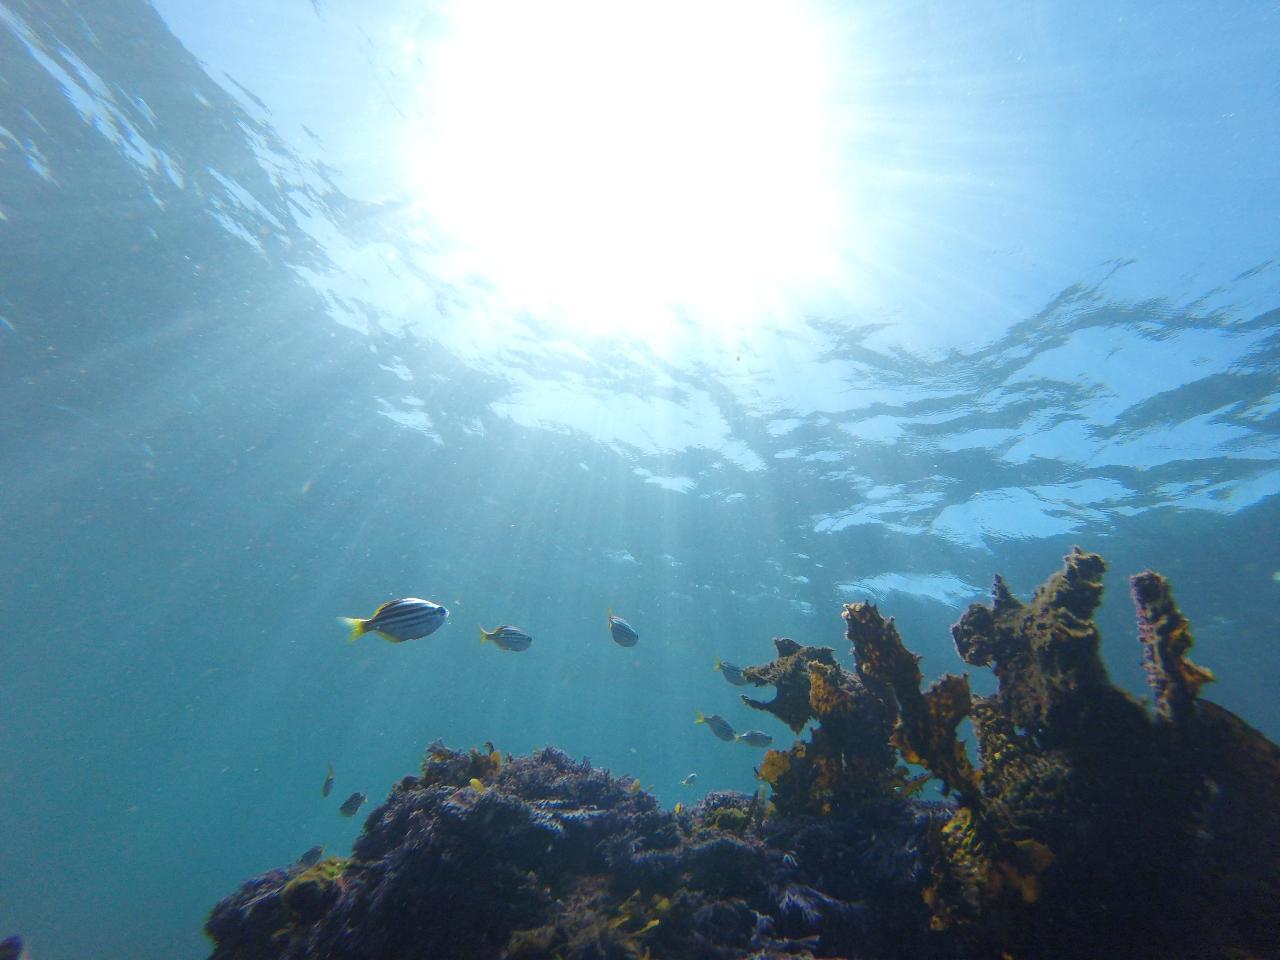 Non swimmer Adventure Eco Tour Sydney  5KM/H